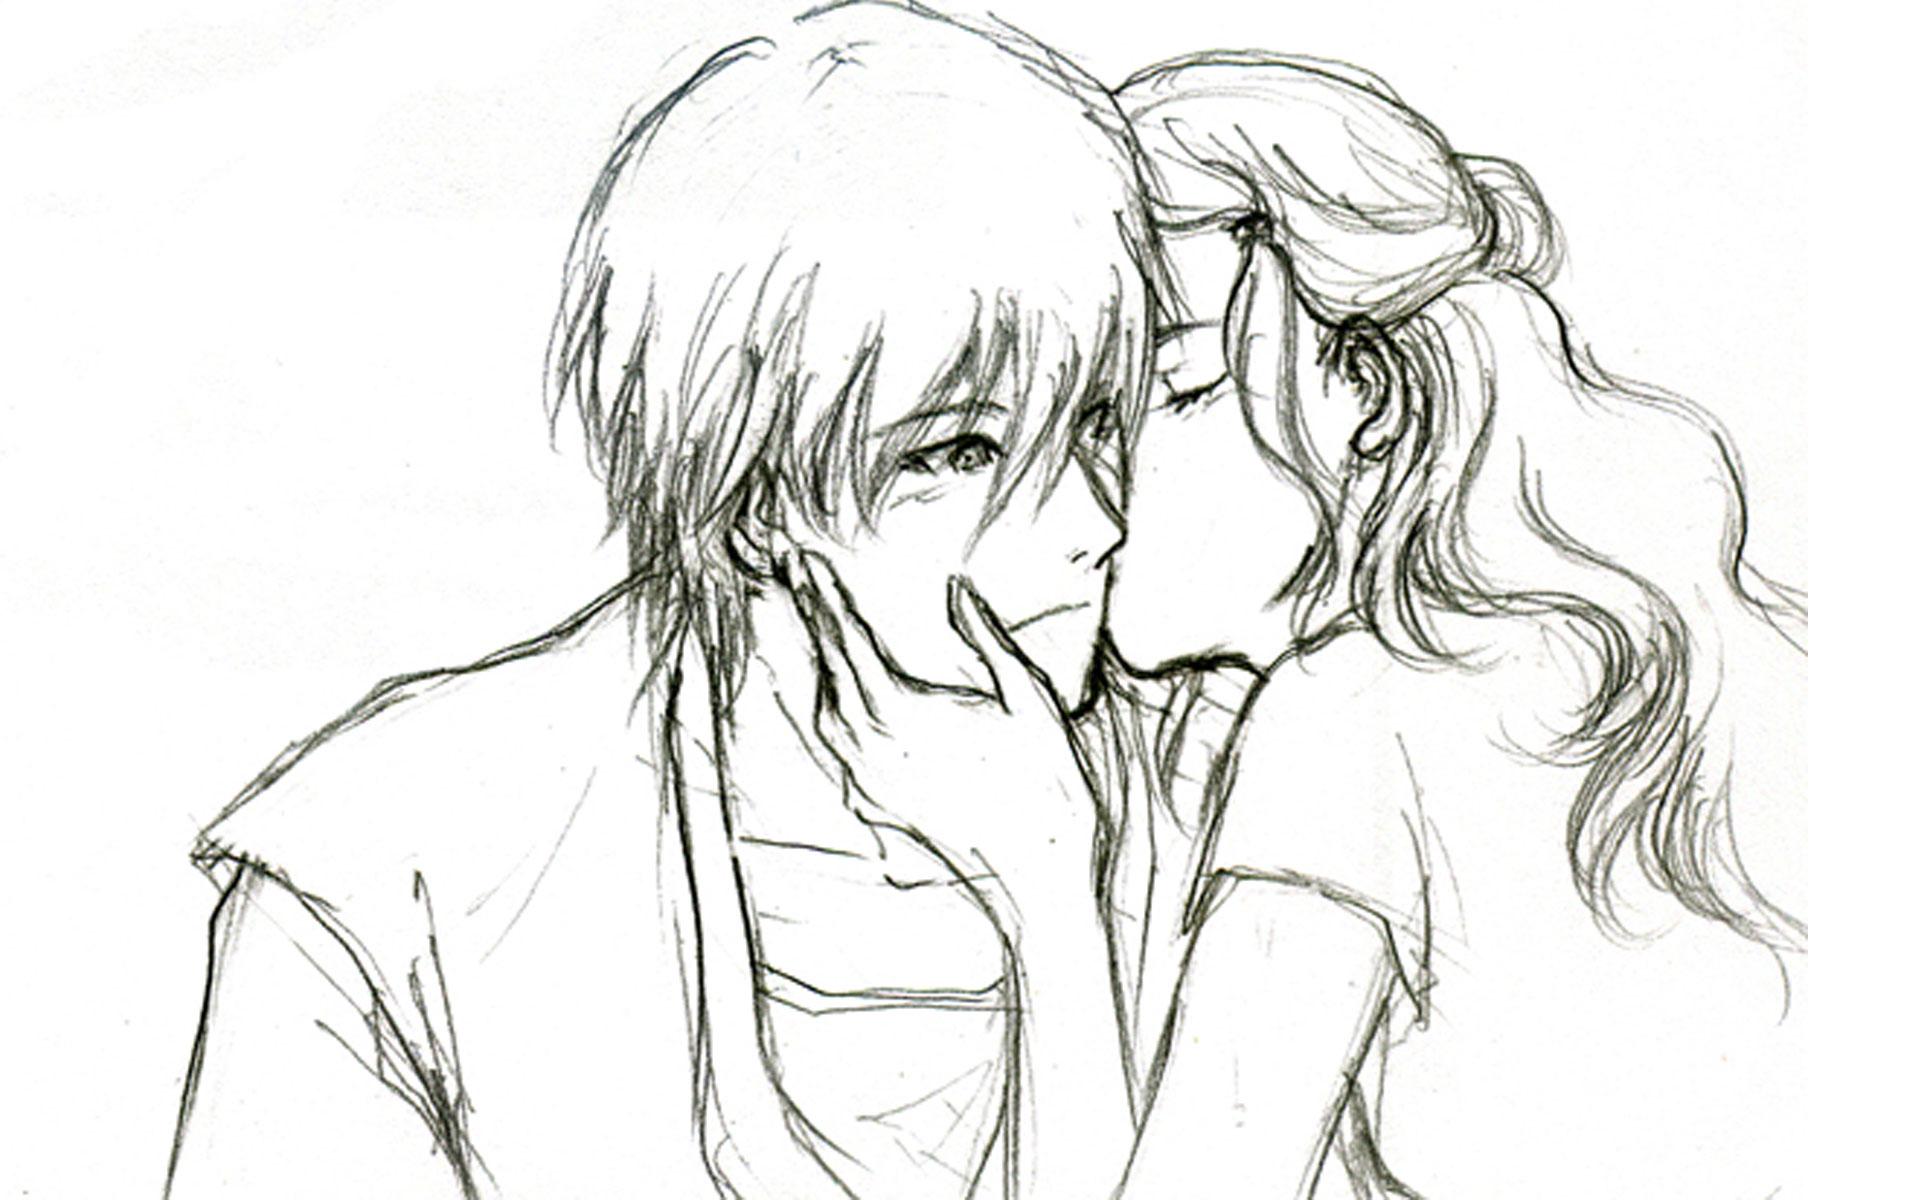 1920x1200 Cute Couple Pencil Drawing Cute Love Drawings Pencil Art Hd